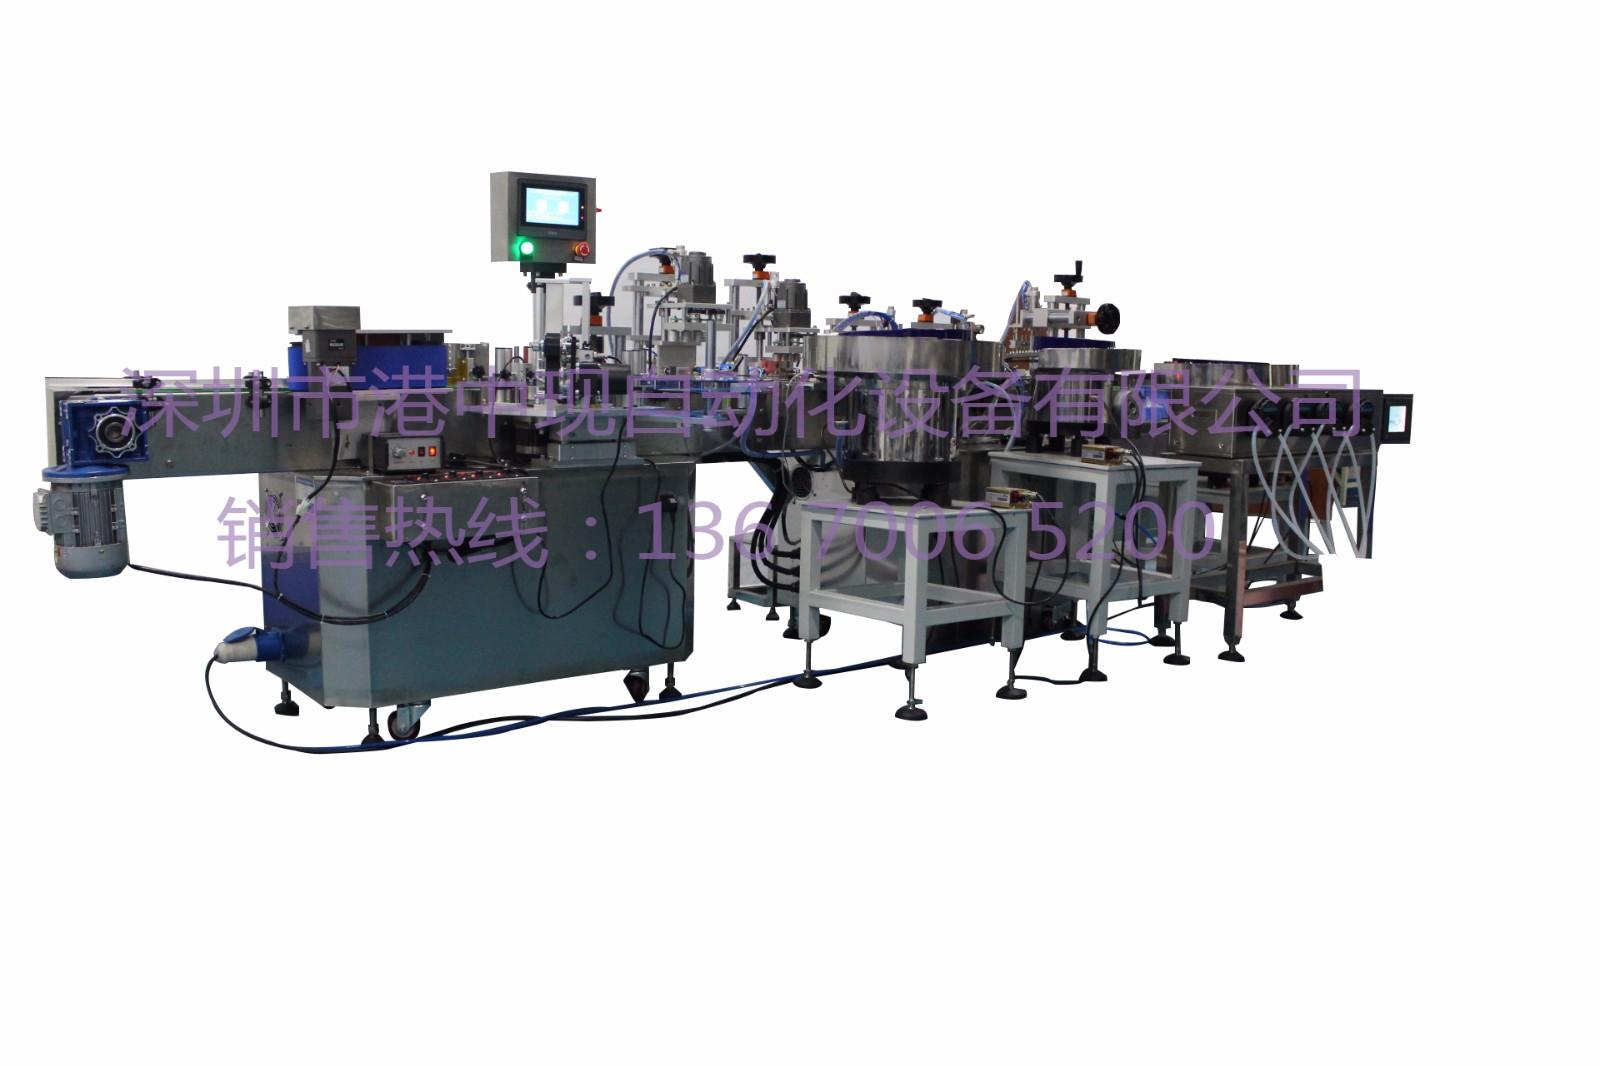 精油生产线厂家/台式复卷机厂家/深圳市港中现自动化设备有限公司